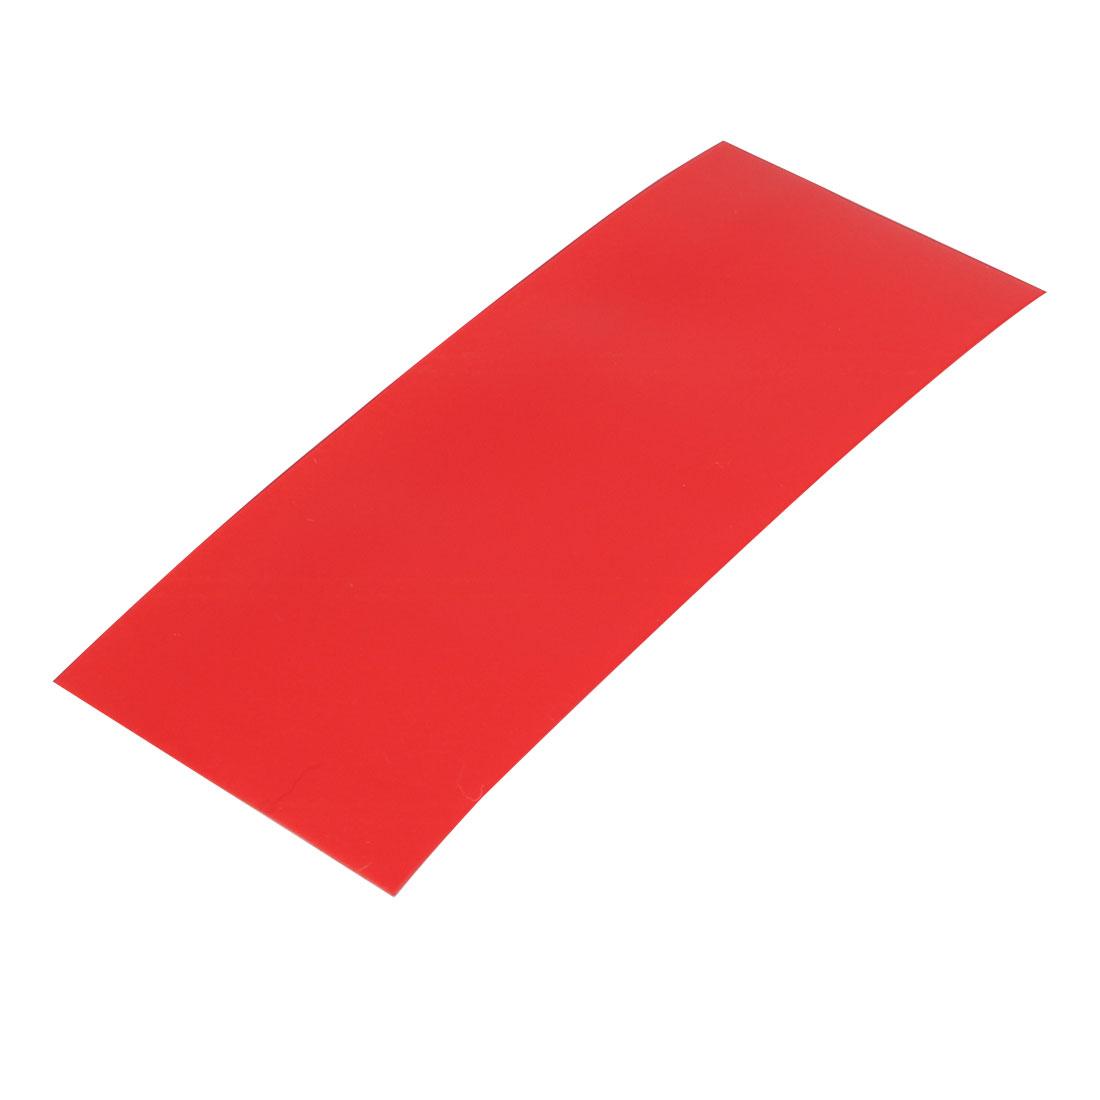 29.5mm Width 72mm Long PVC Heat Shrinkable Tube Red for 18650 Battery